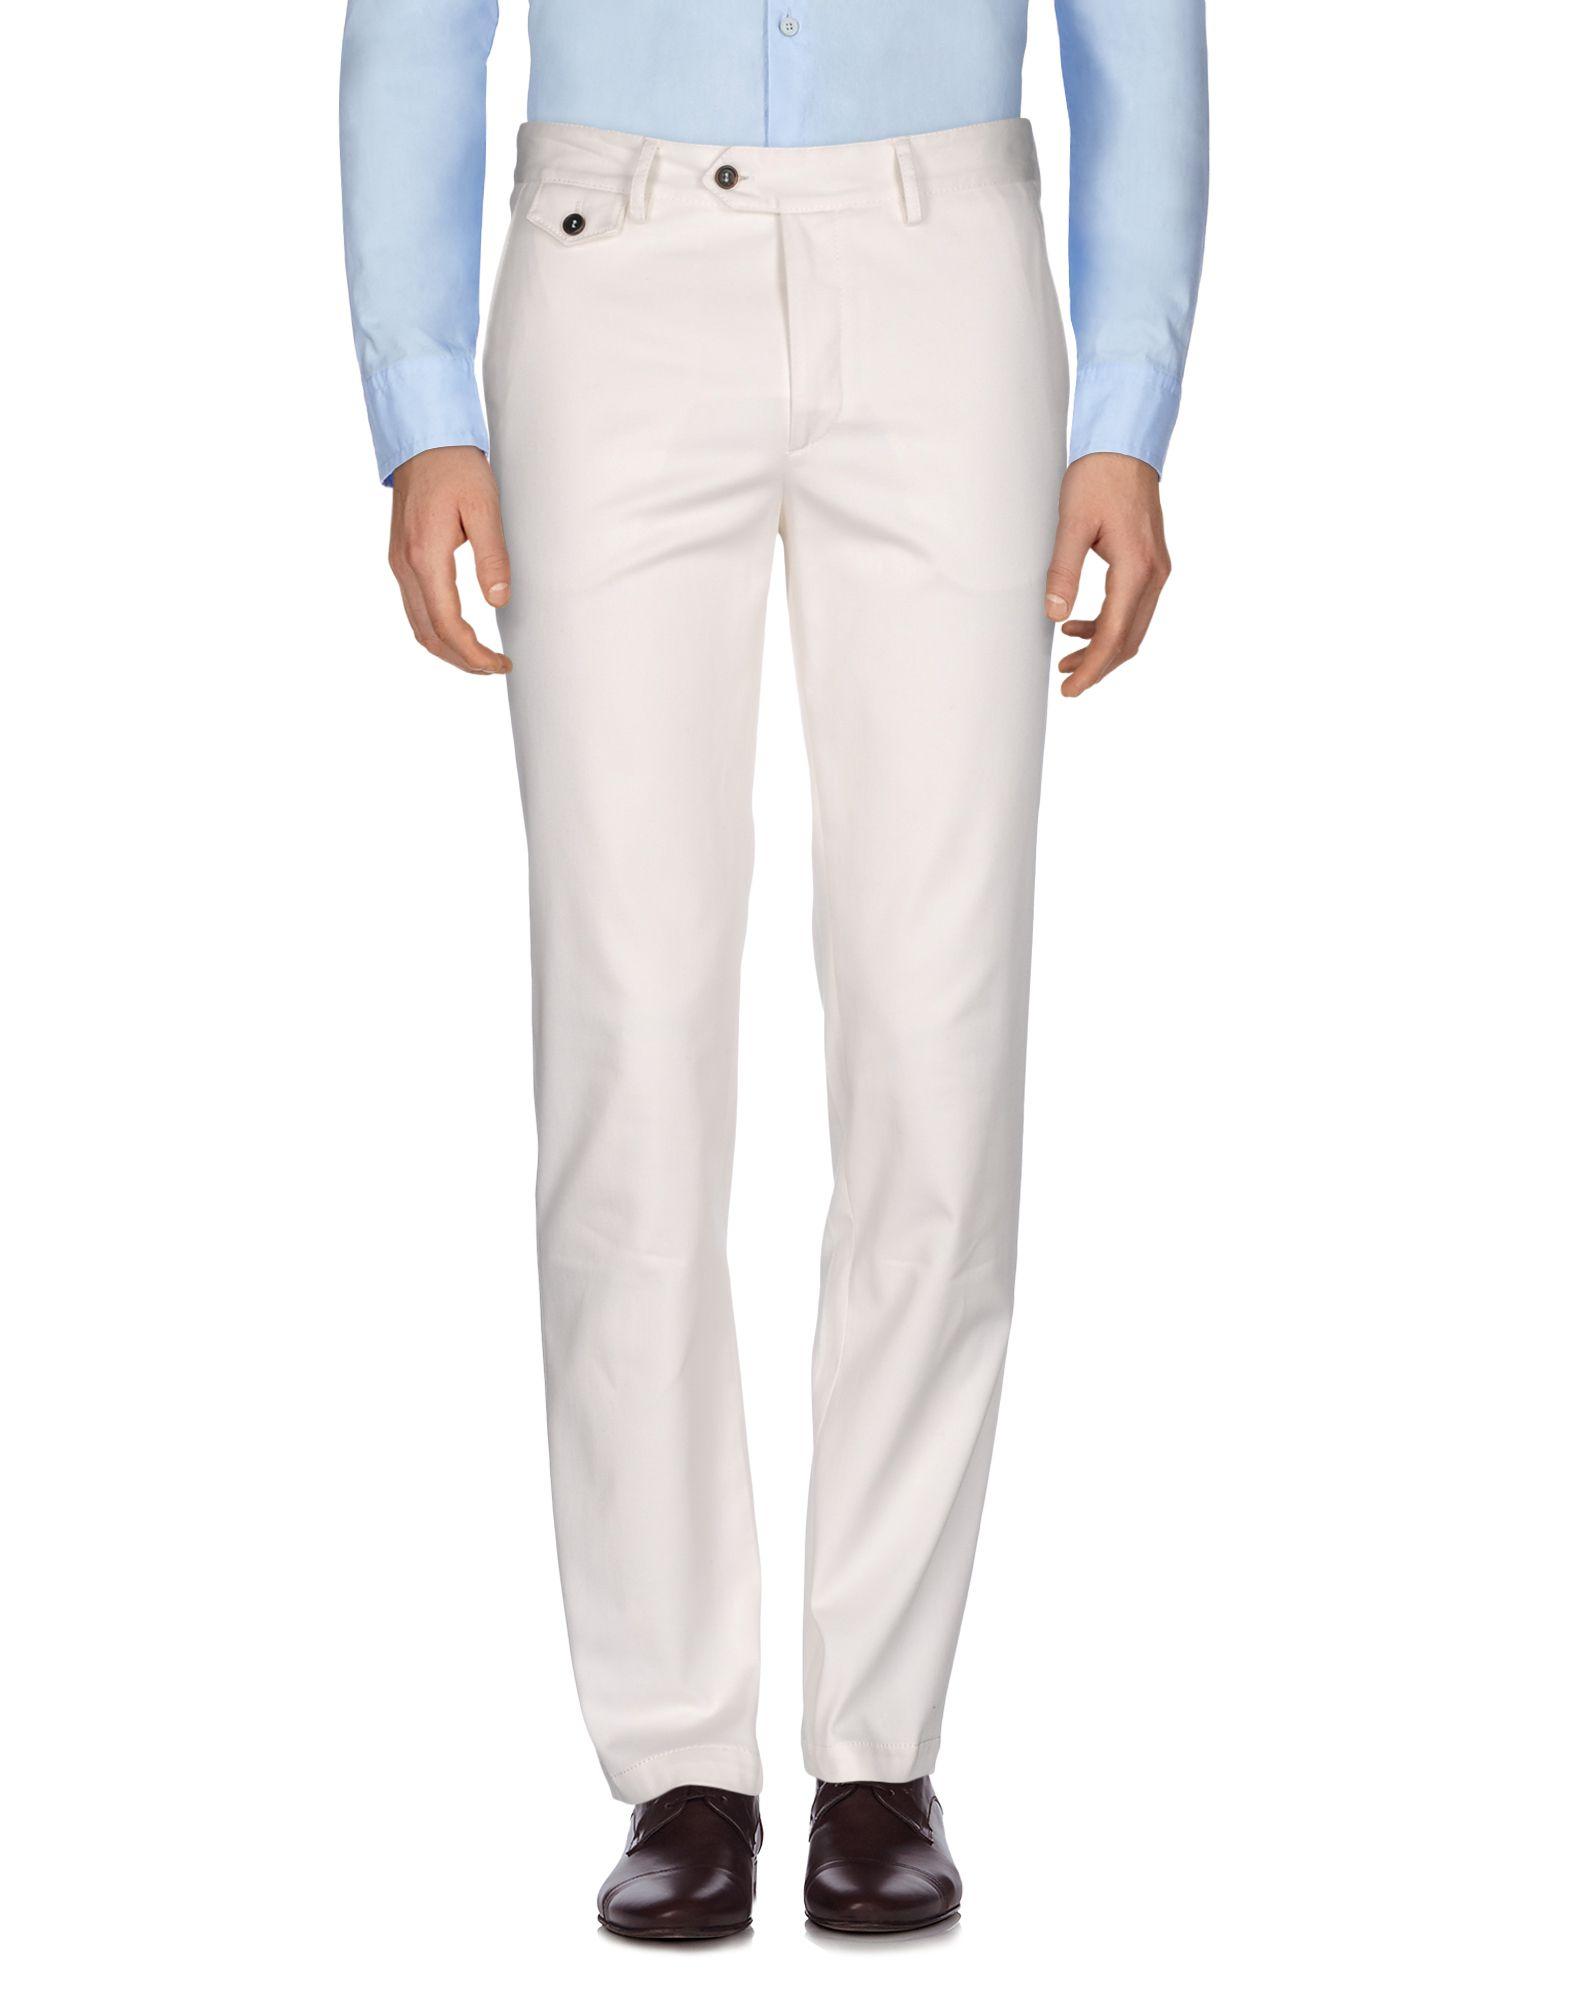 Pantalone Malo Uomo - Acquista online su